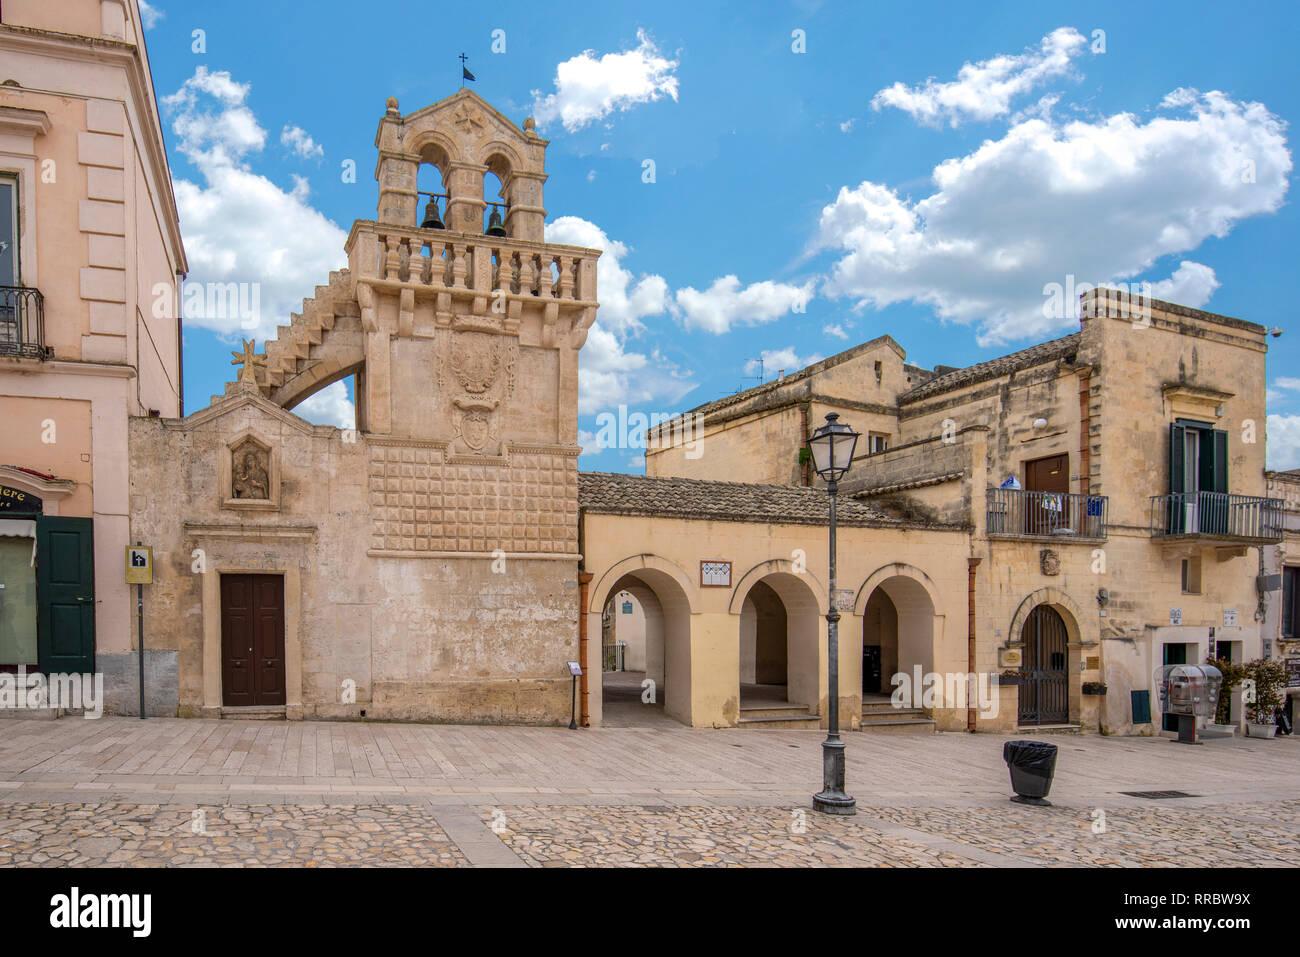 The church Chiesa del Santo spirito  on Piazza Vittorio Veneto. Unesco site. Capital of European culture 2019. Matera, Basilicata, Puglia, Italy - Stock Image